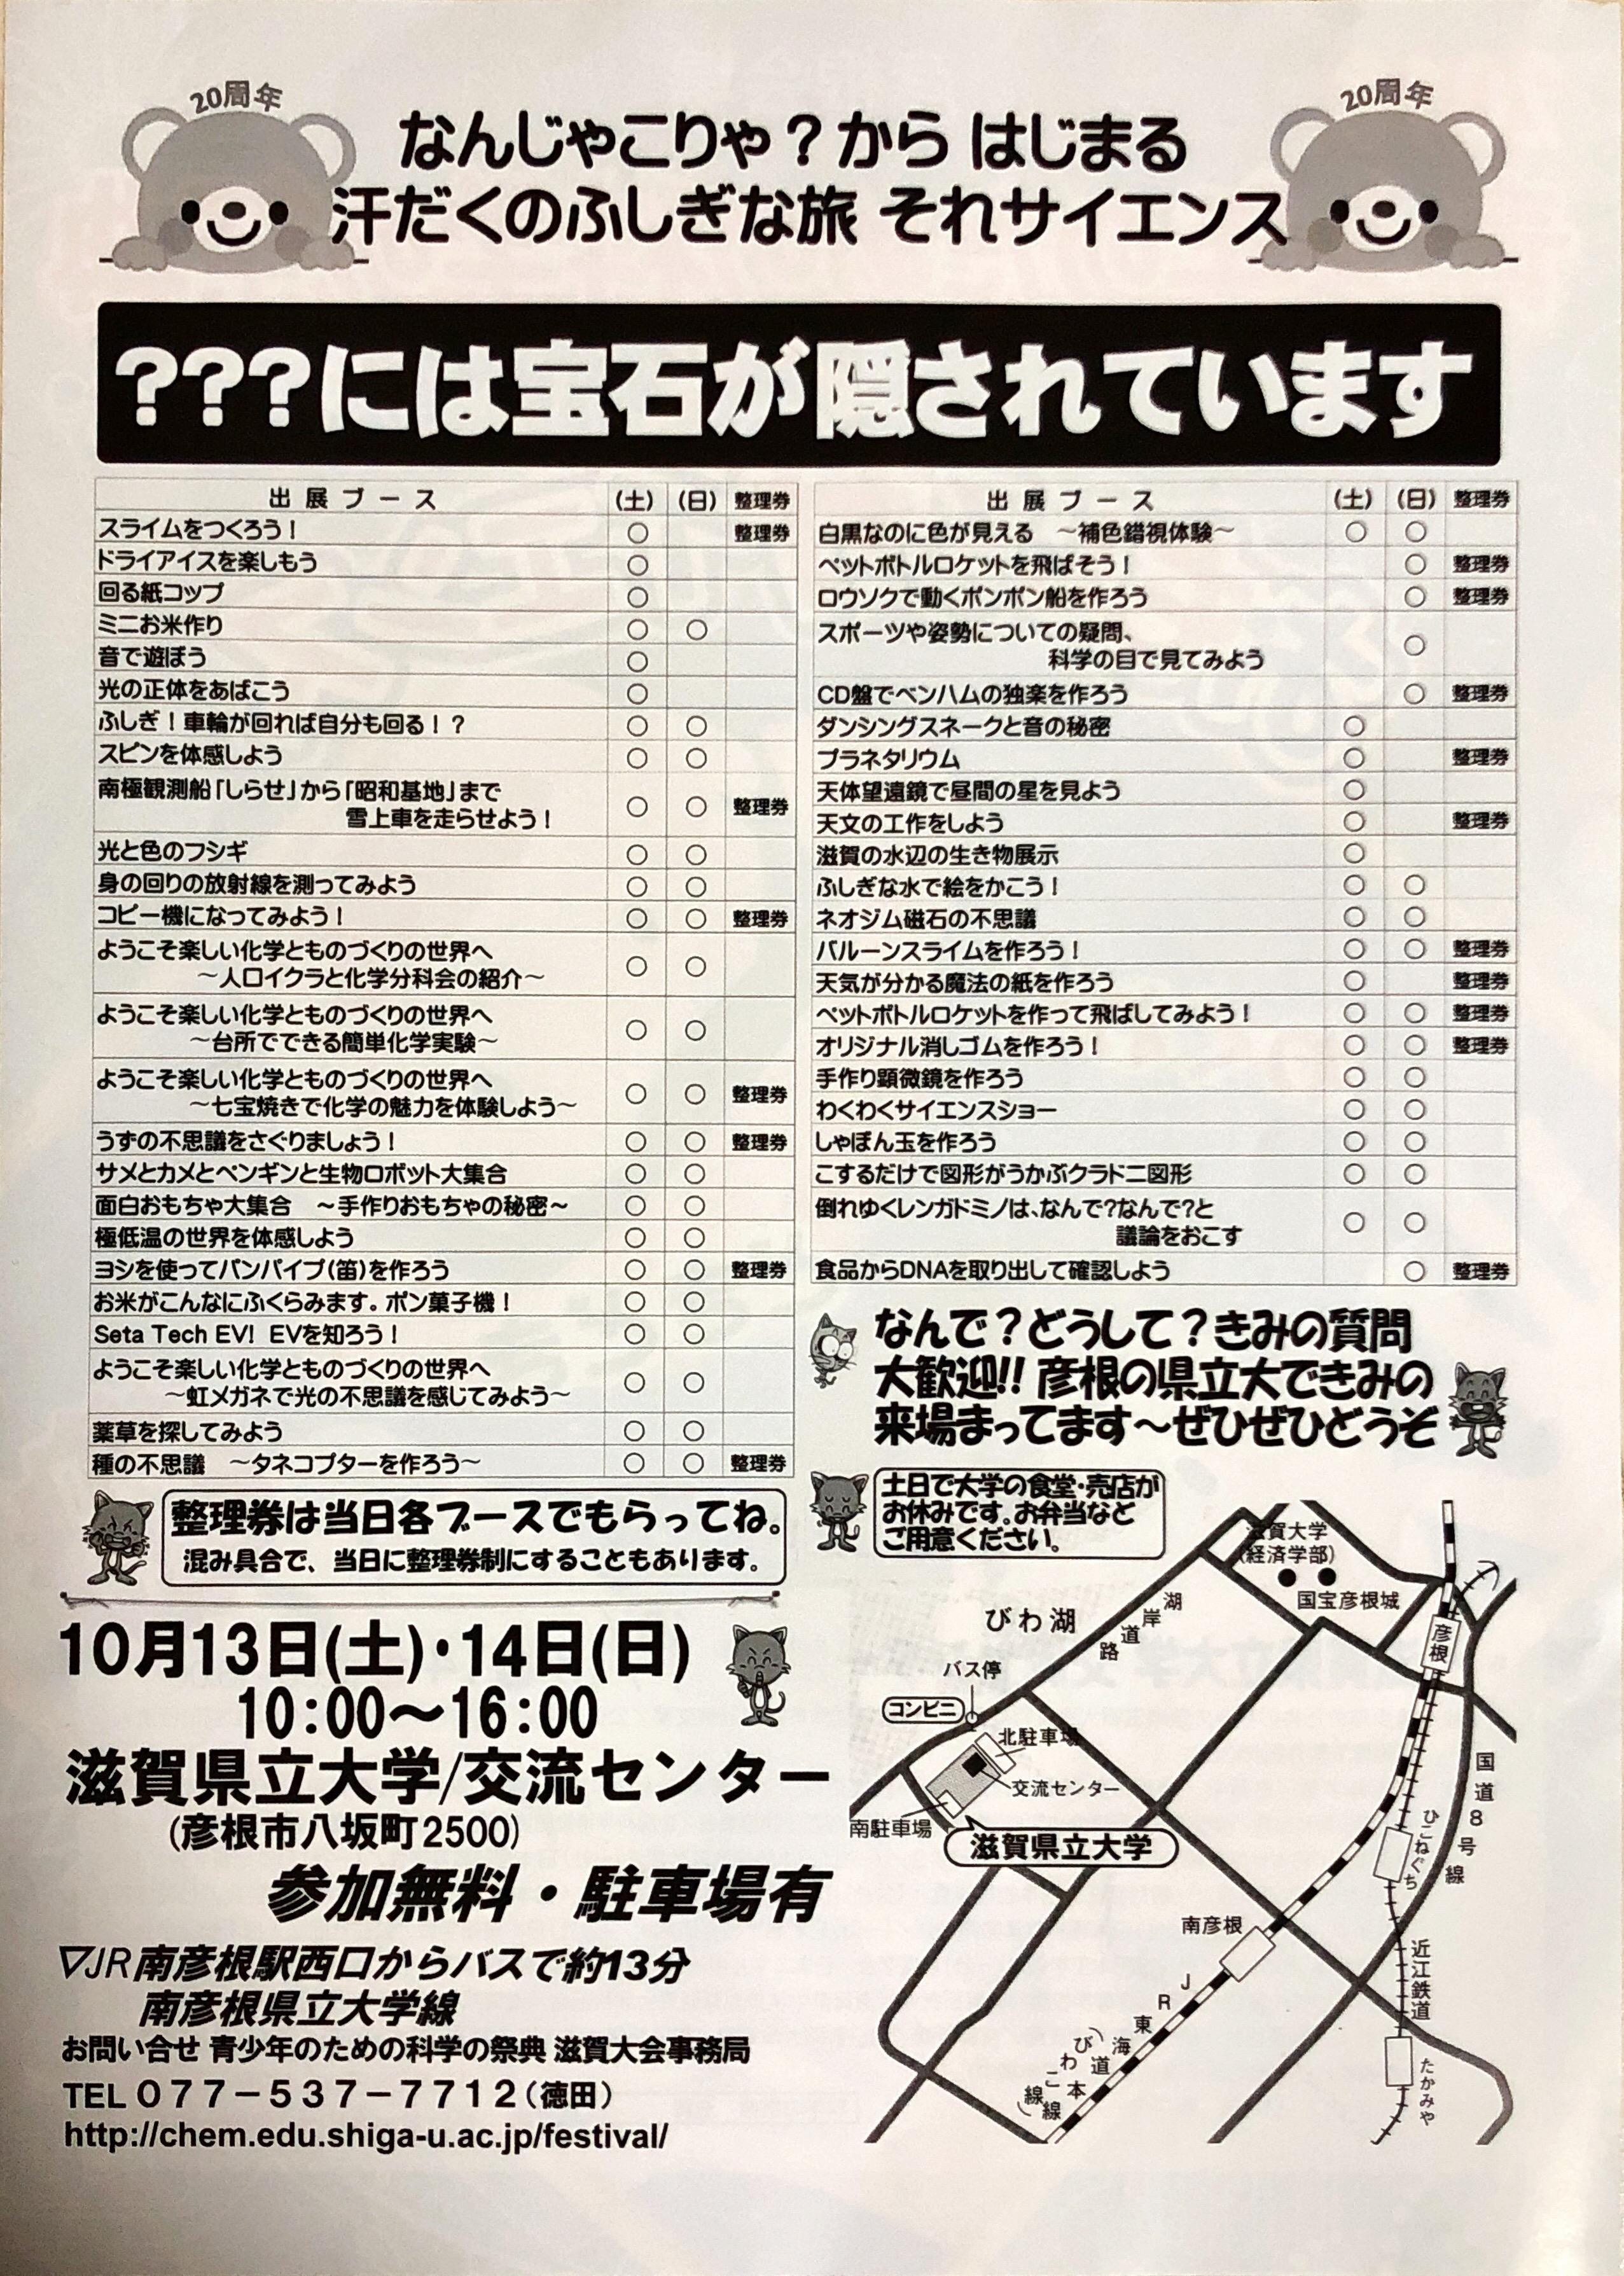 43D69F66-23D3-4488-8F0B-A64191EE42B5